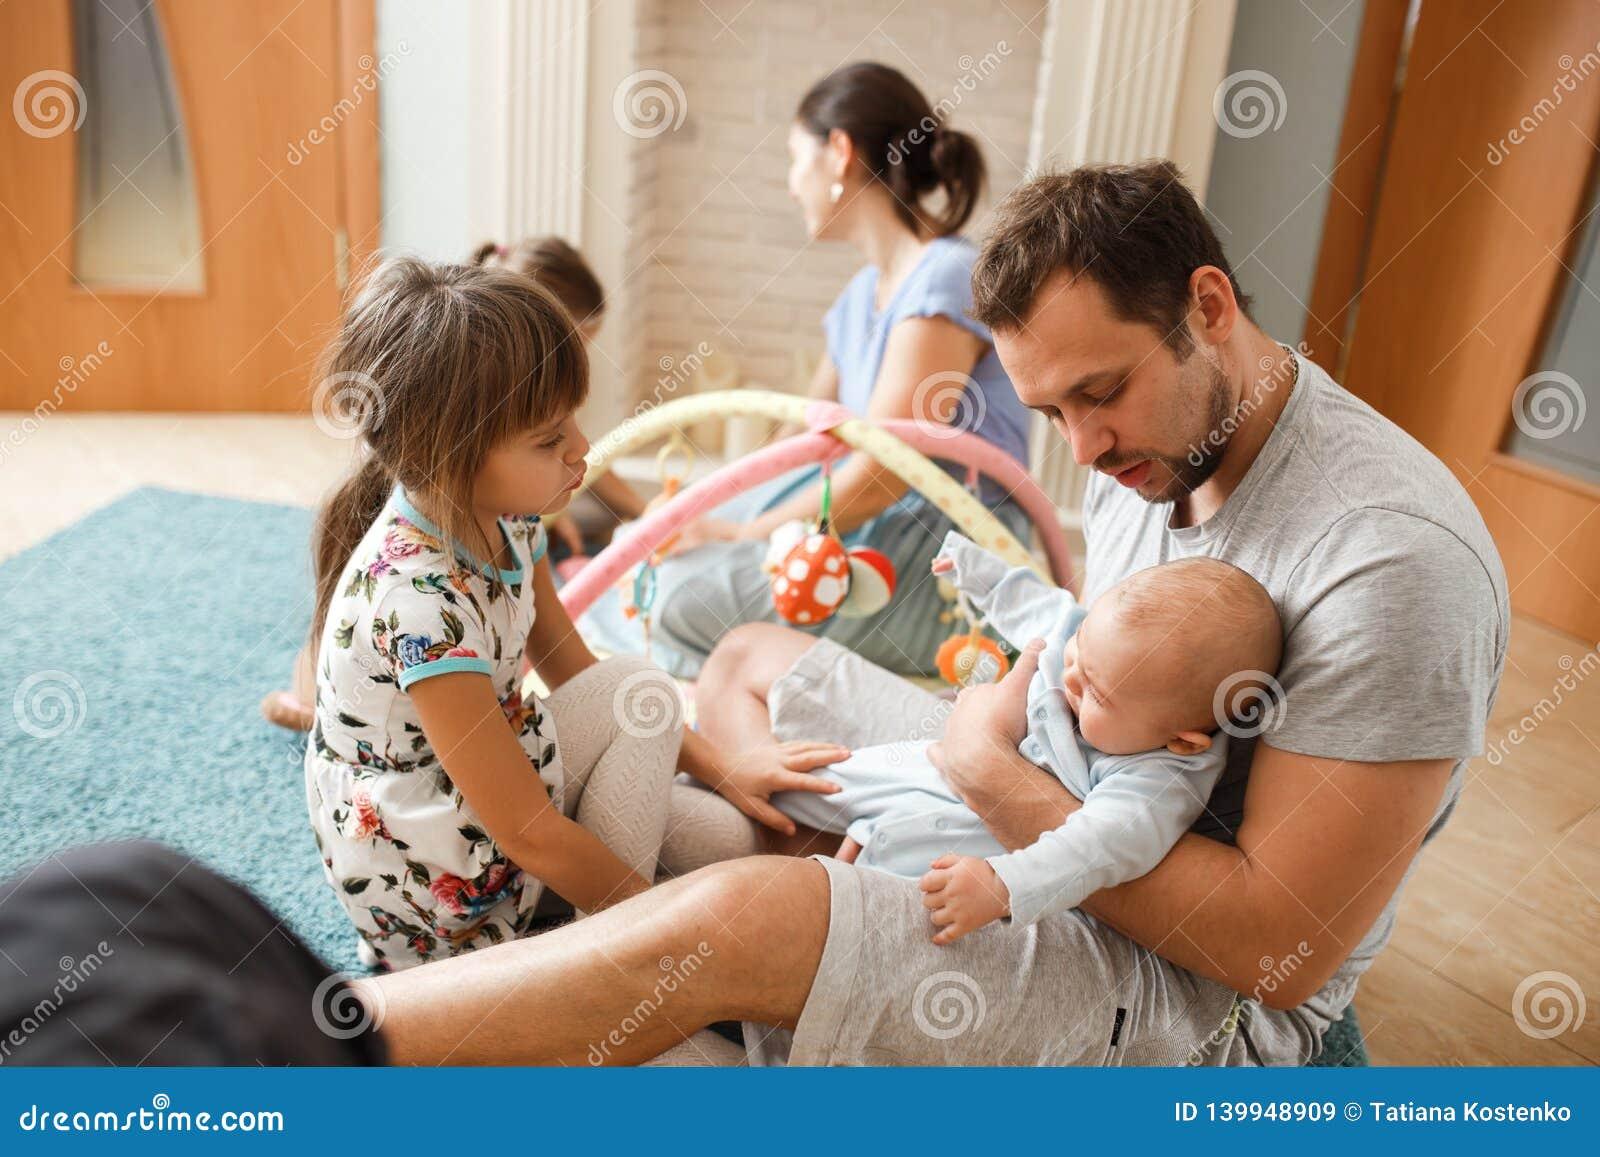 Tout le père de famille, mère, deux filles et peu de fils de bébé passant le temps sur le tapis dans la chambre